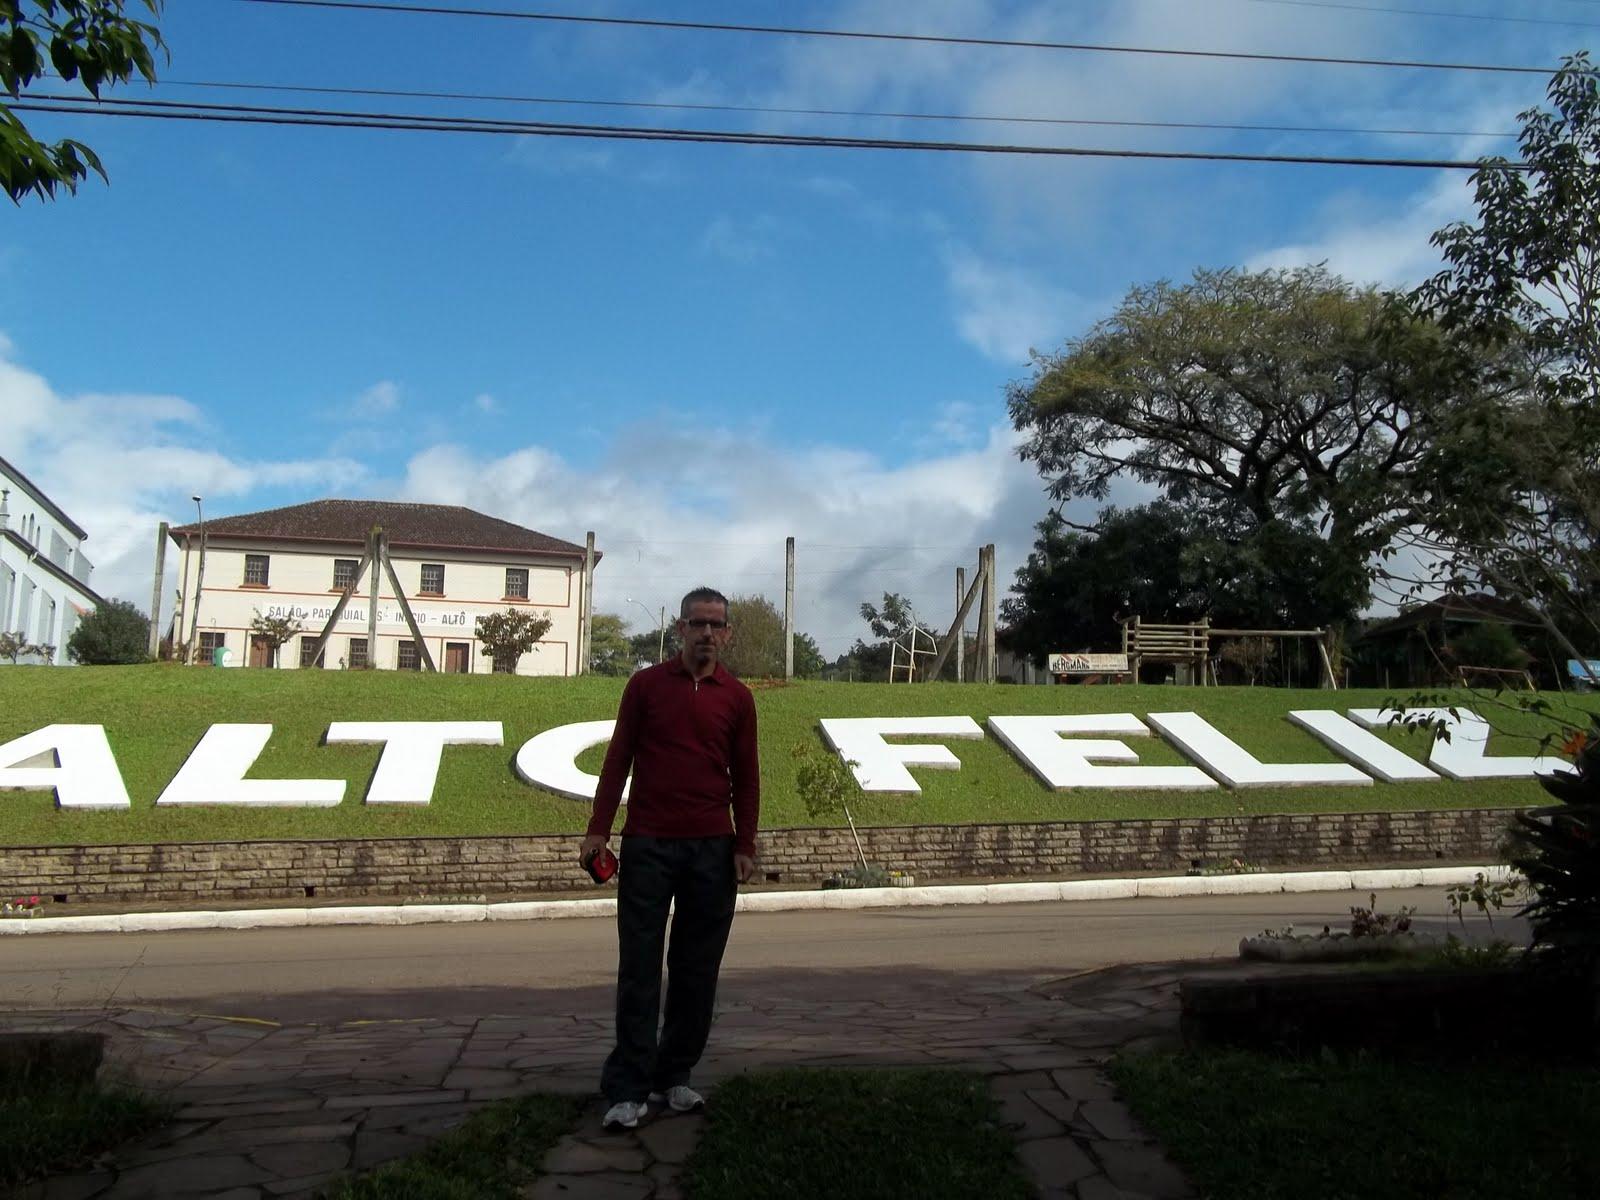 Alto Feliz Rio Grande do Sul fonte: 3.bp.blogspot.com